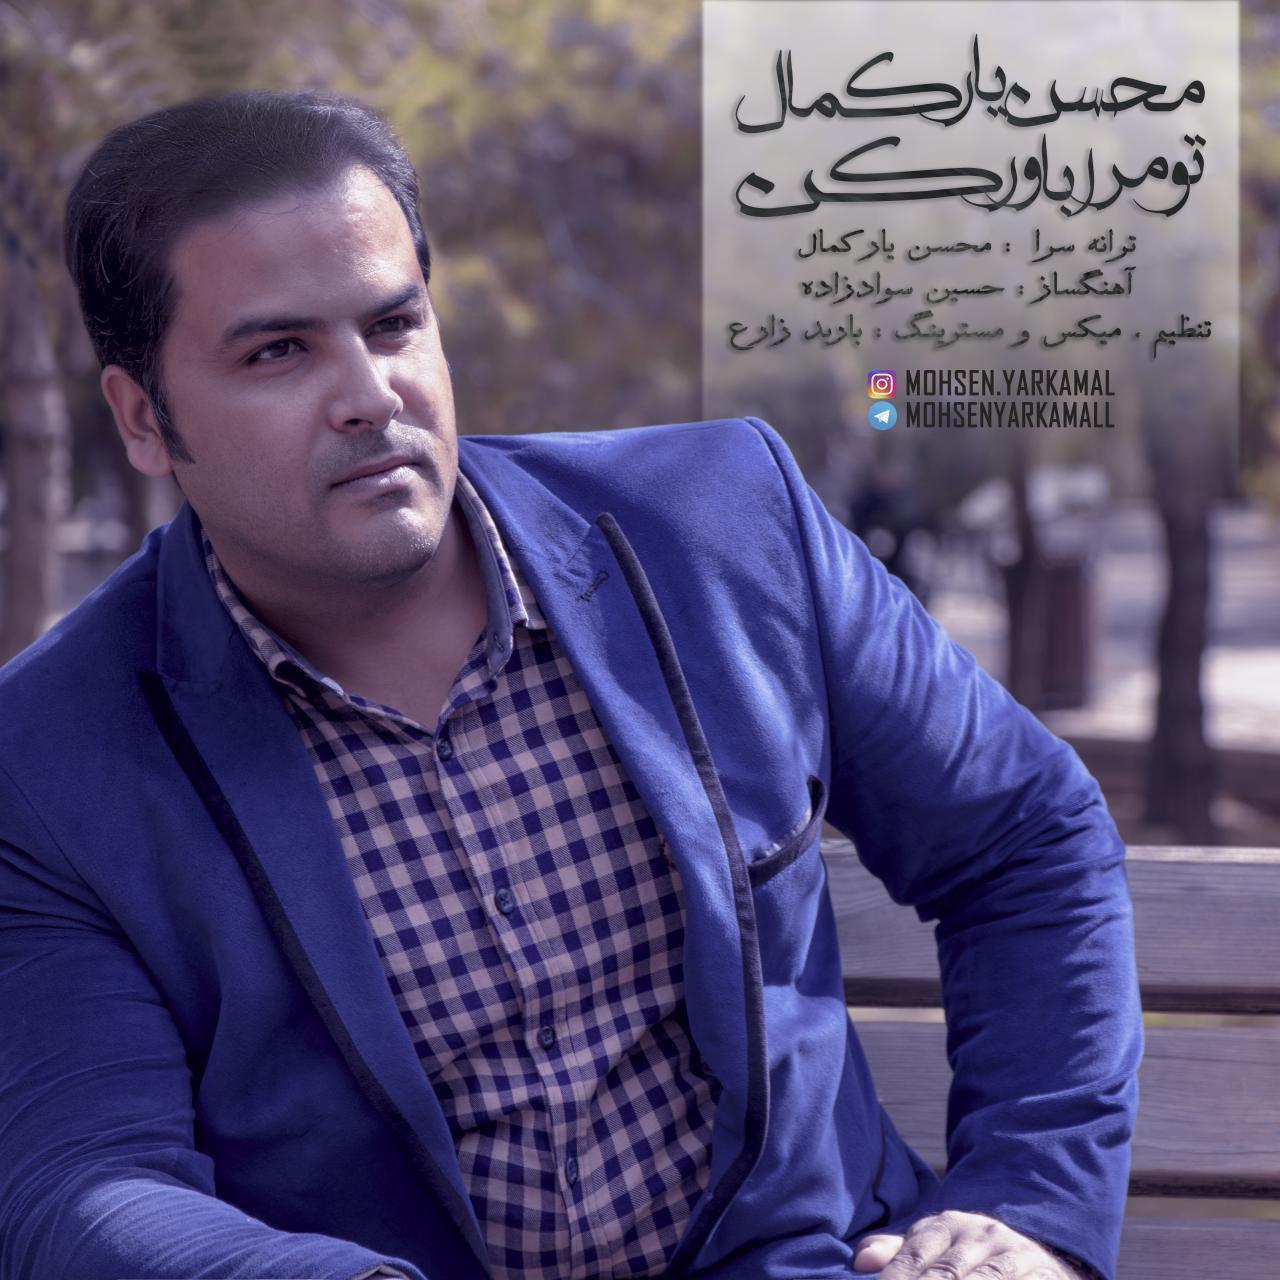 Mohsen Yarkamal – To Mara Bavar kon